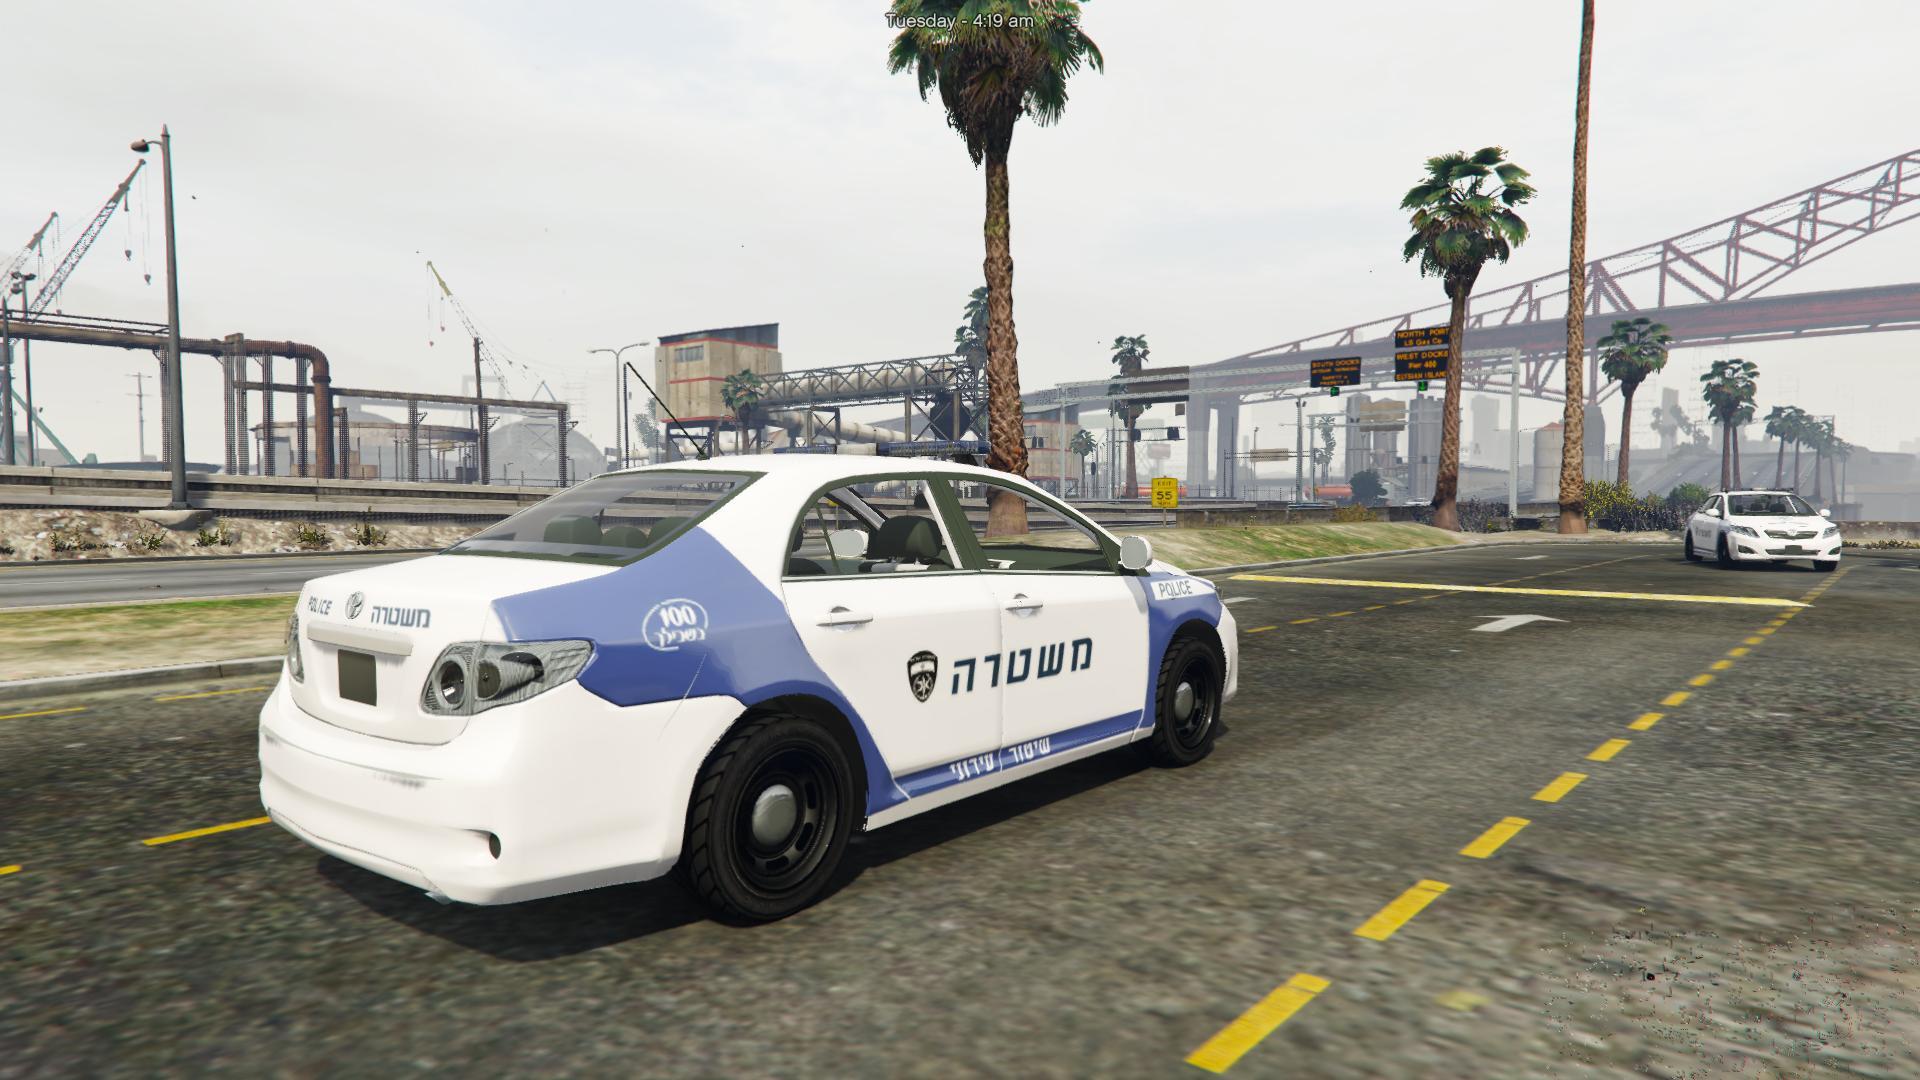 מודרניסטית Toyota Corolla 2009 | Israeli police Very Old | משטרת ישראל - GTA5 EF-42